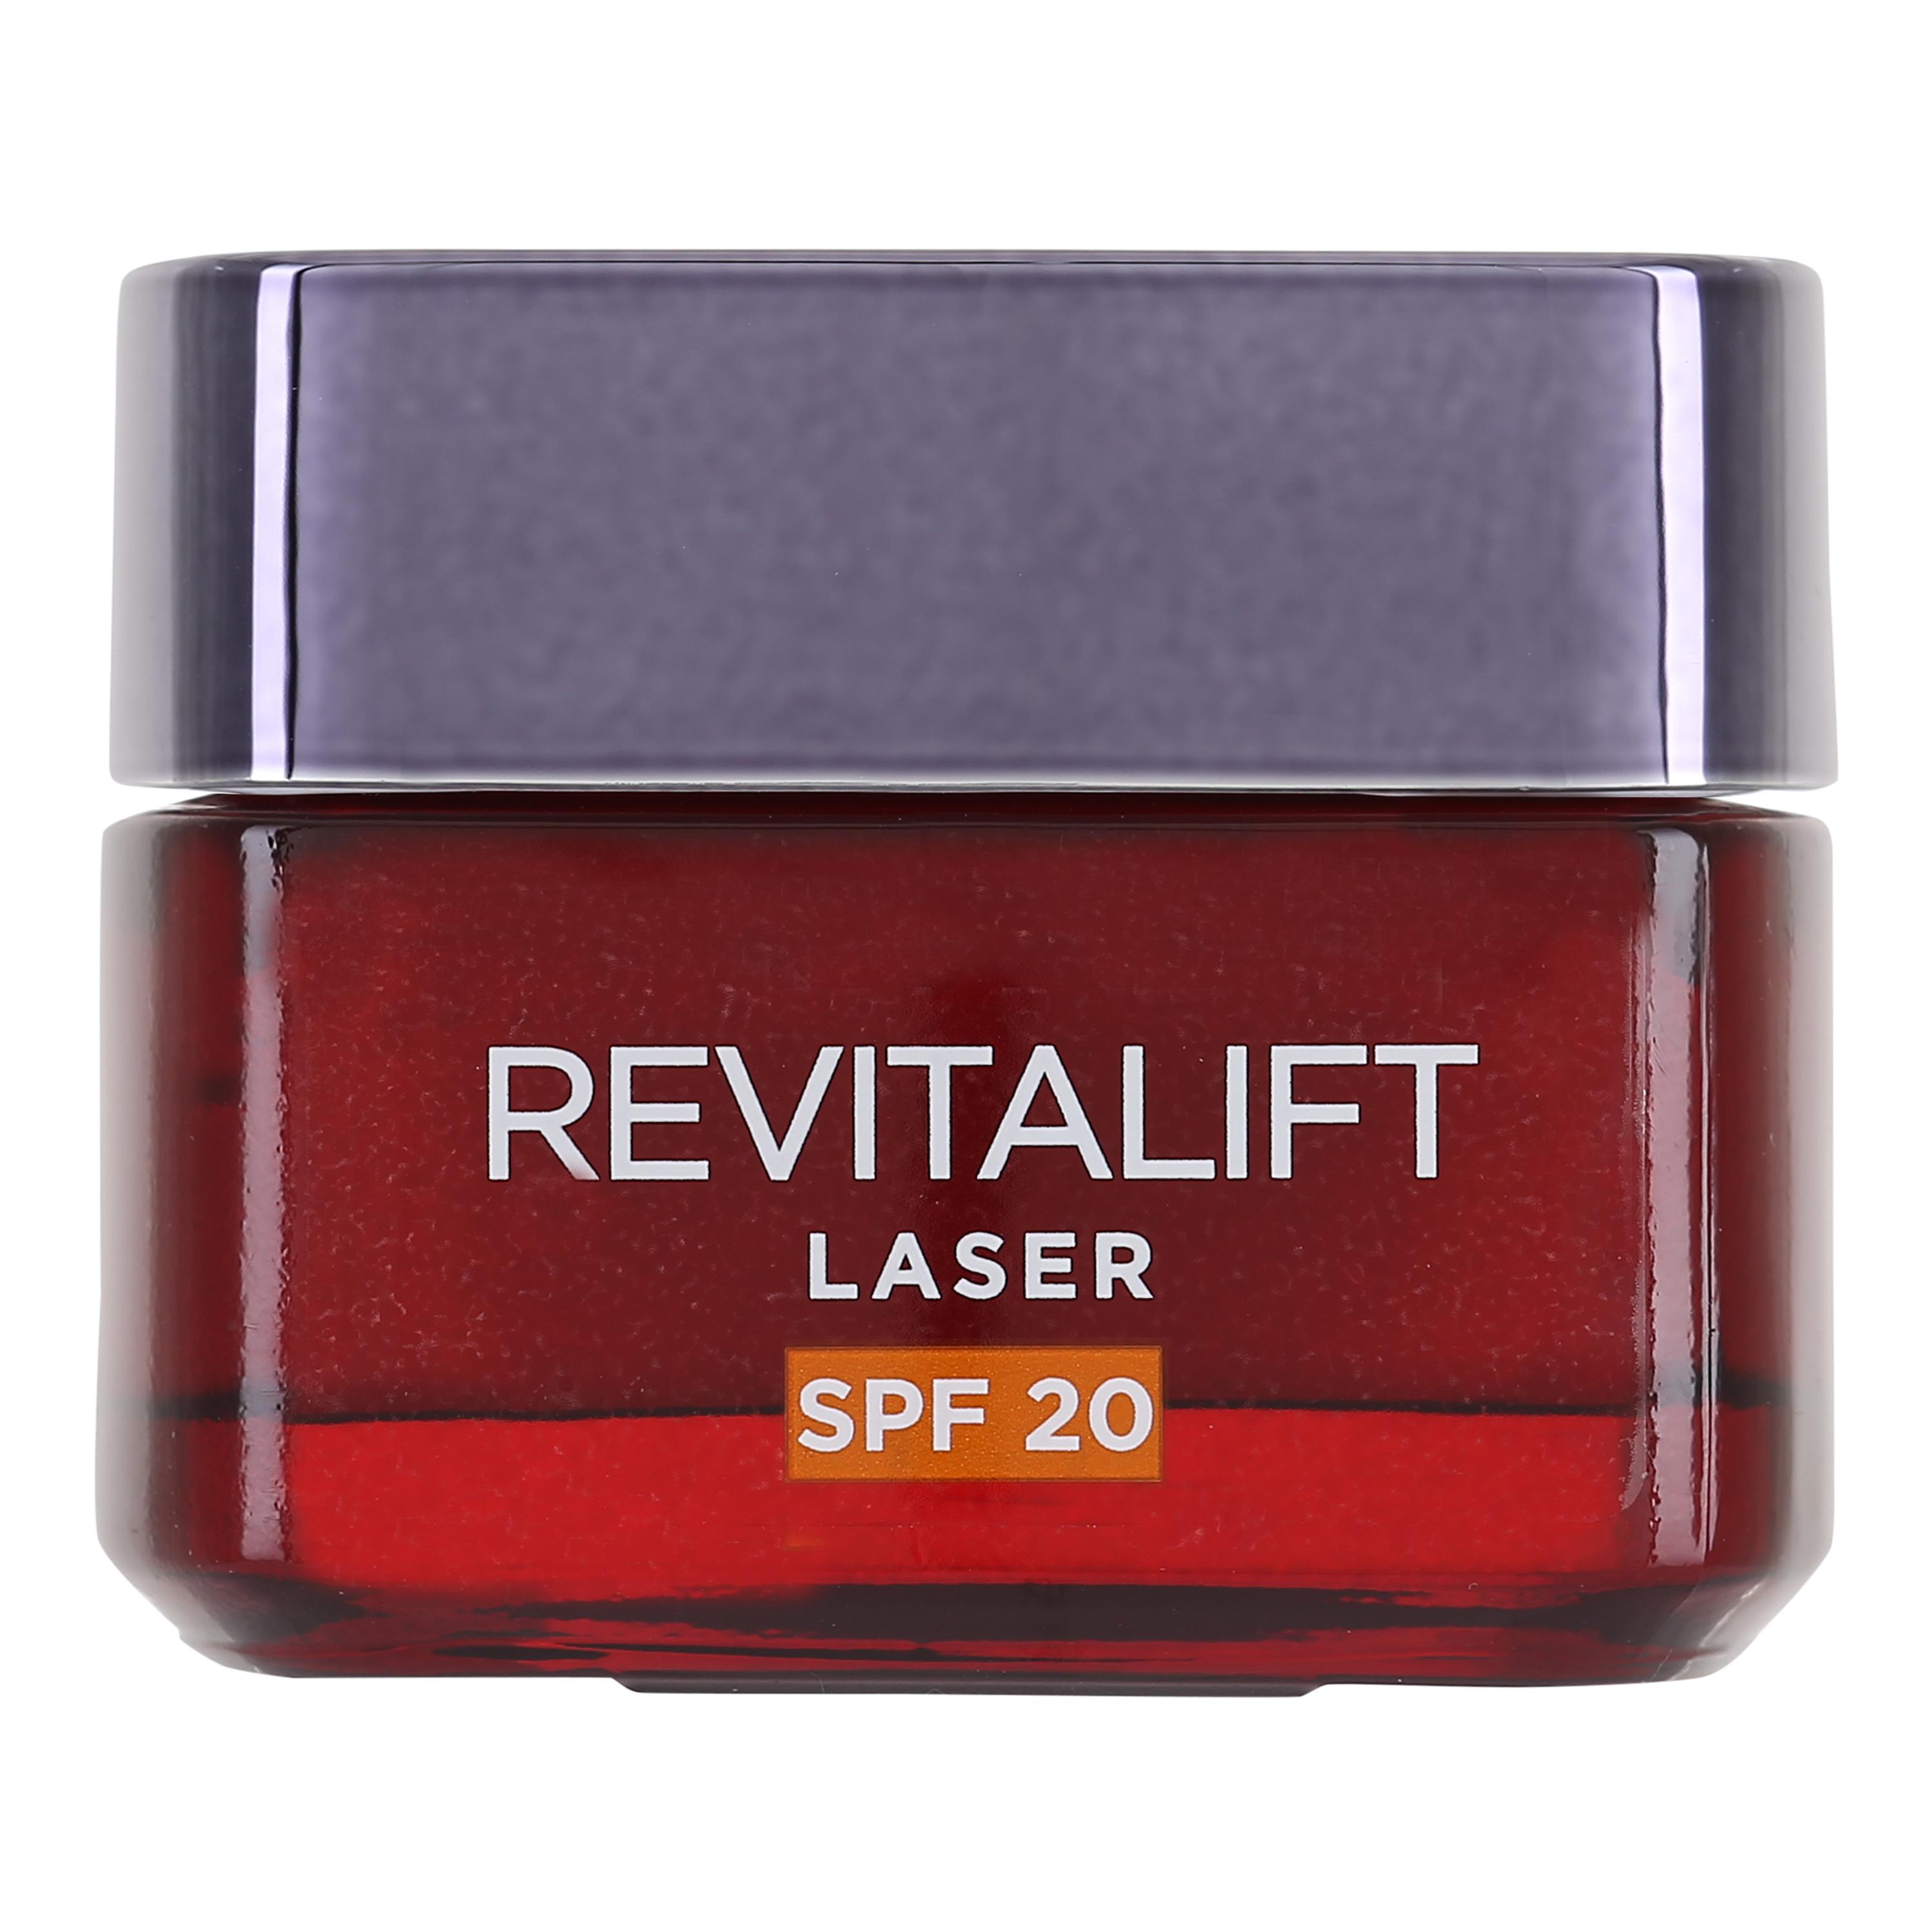 Revitalift Laser SPF 20 Day Cream 50ml